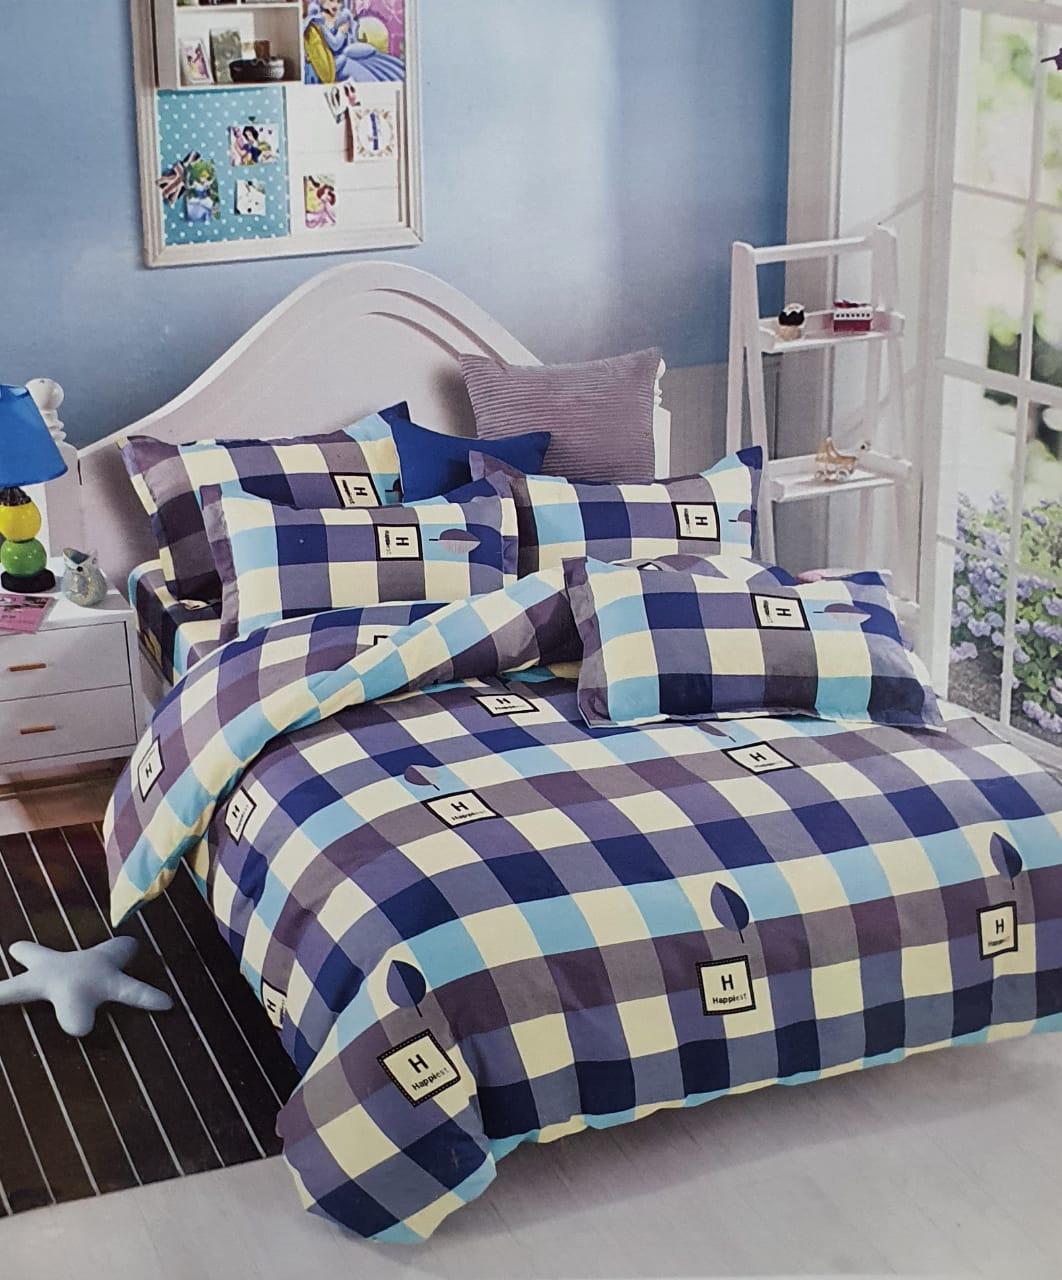 King size bedsheet set 10